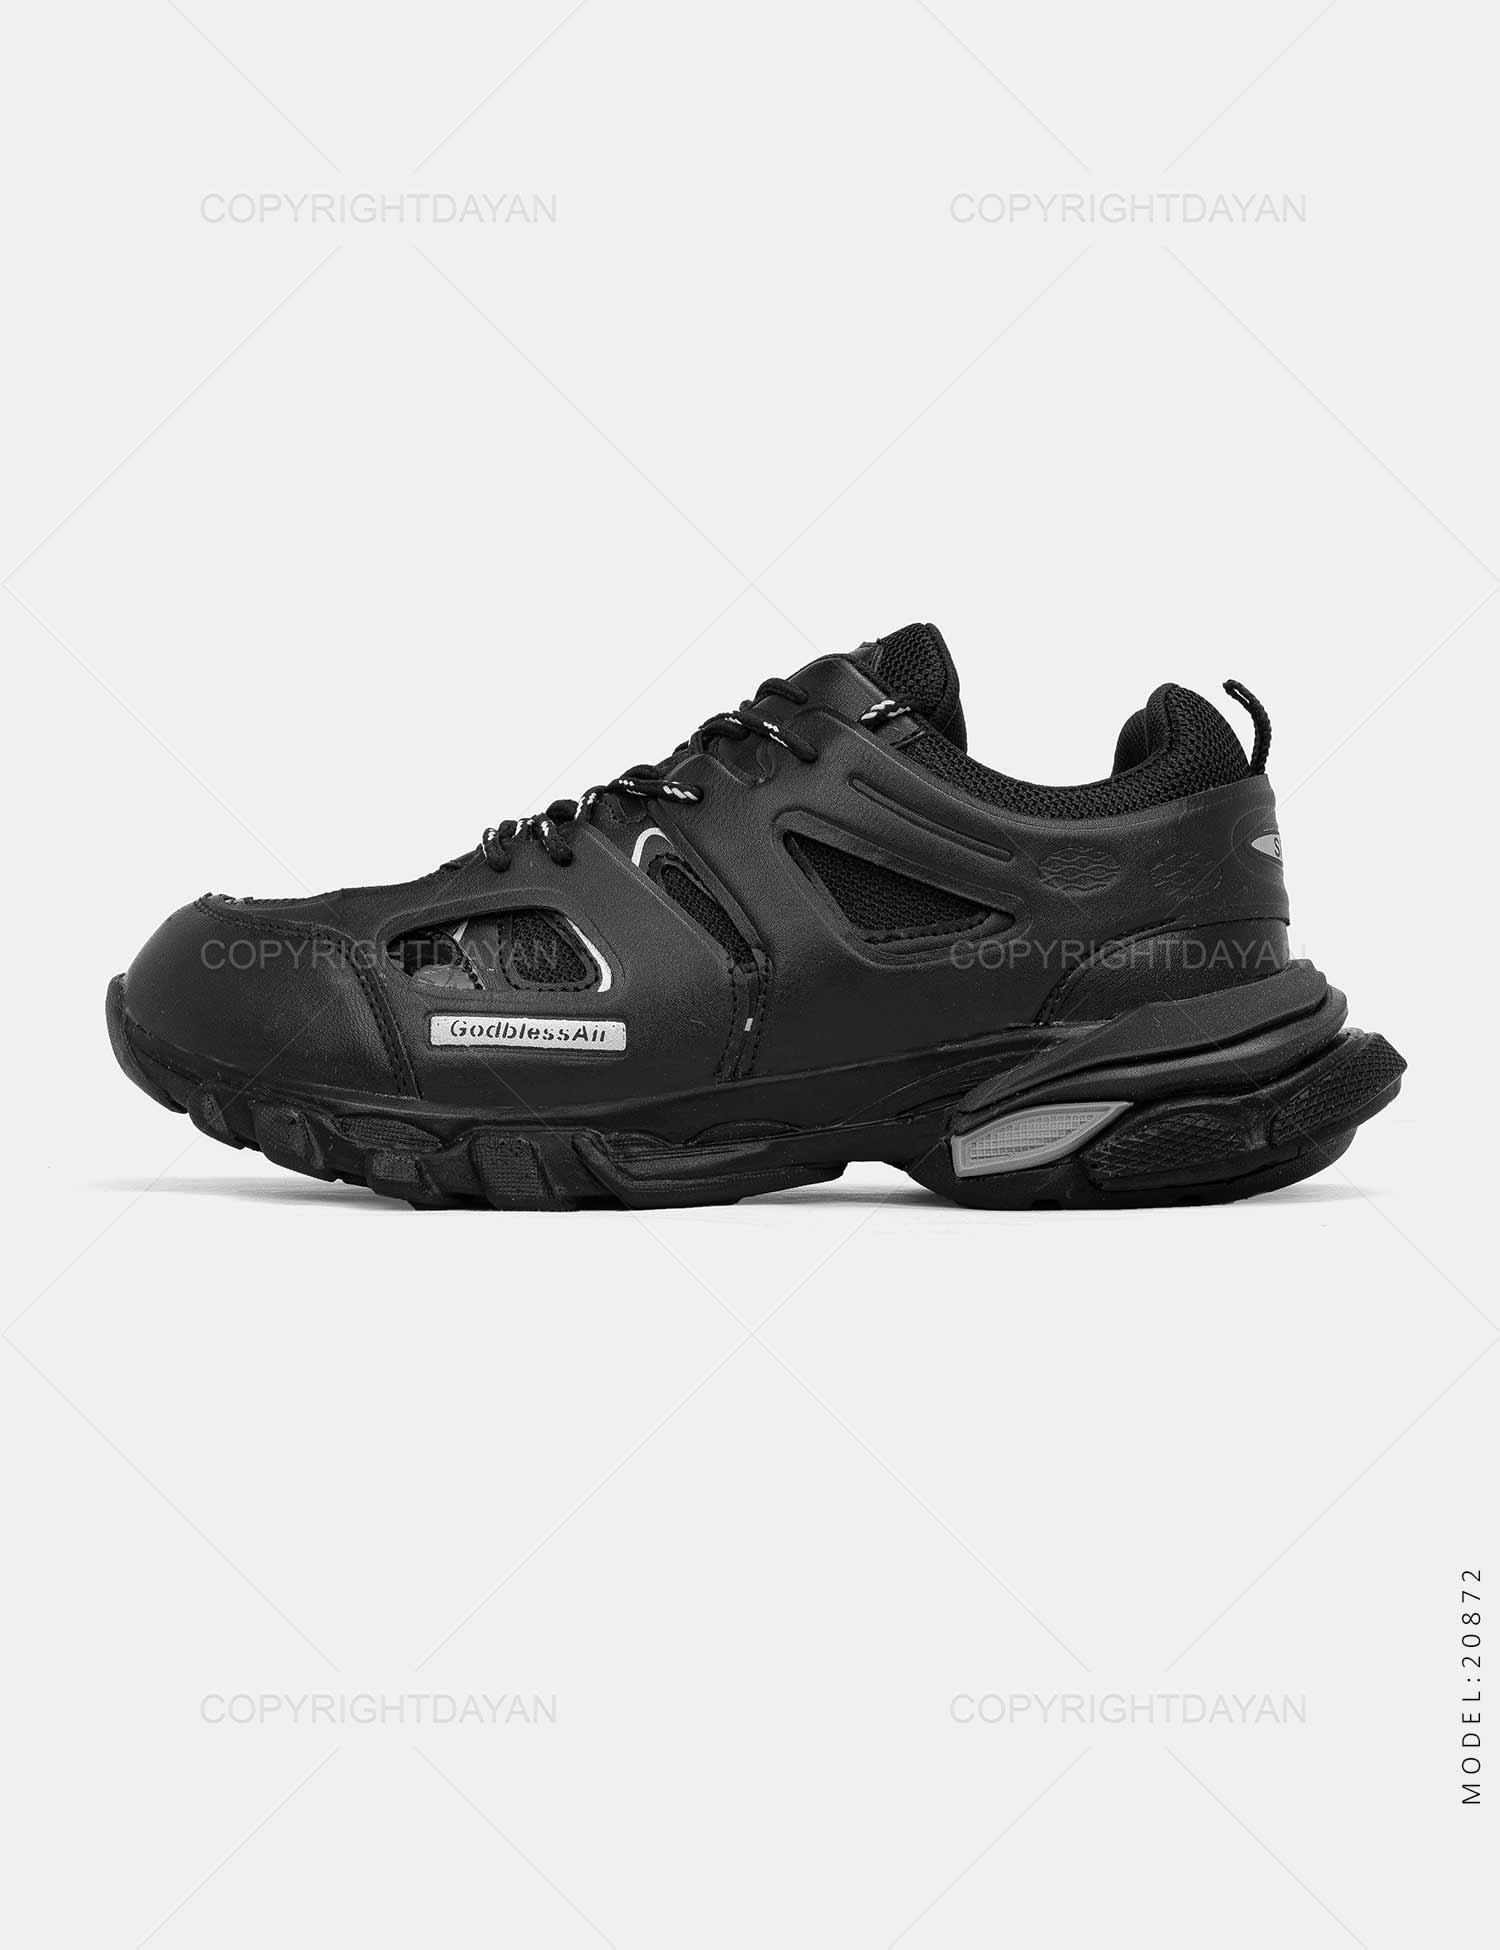 کفش مردانه Nika مدل 20872 کفش مردانه Nika مدل 20872 299,000 تومان